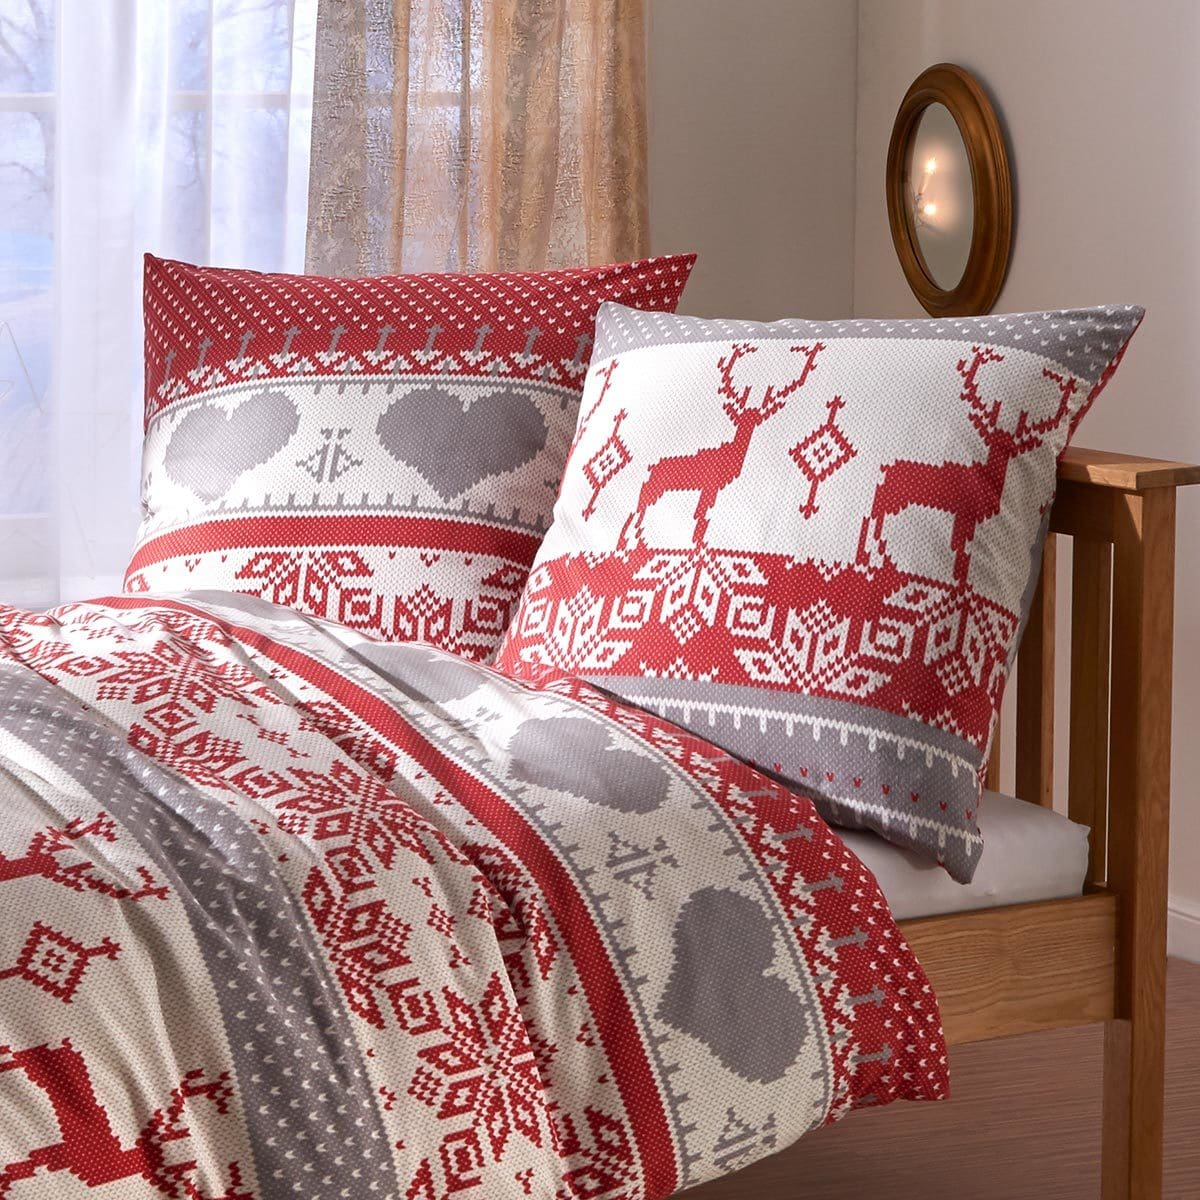 traumschlaf feinflanell bettw sche hirsch g nstig online. Black Bedroom Furniture Sets. Home Design Ideas